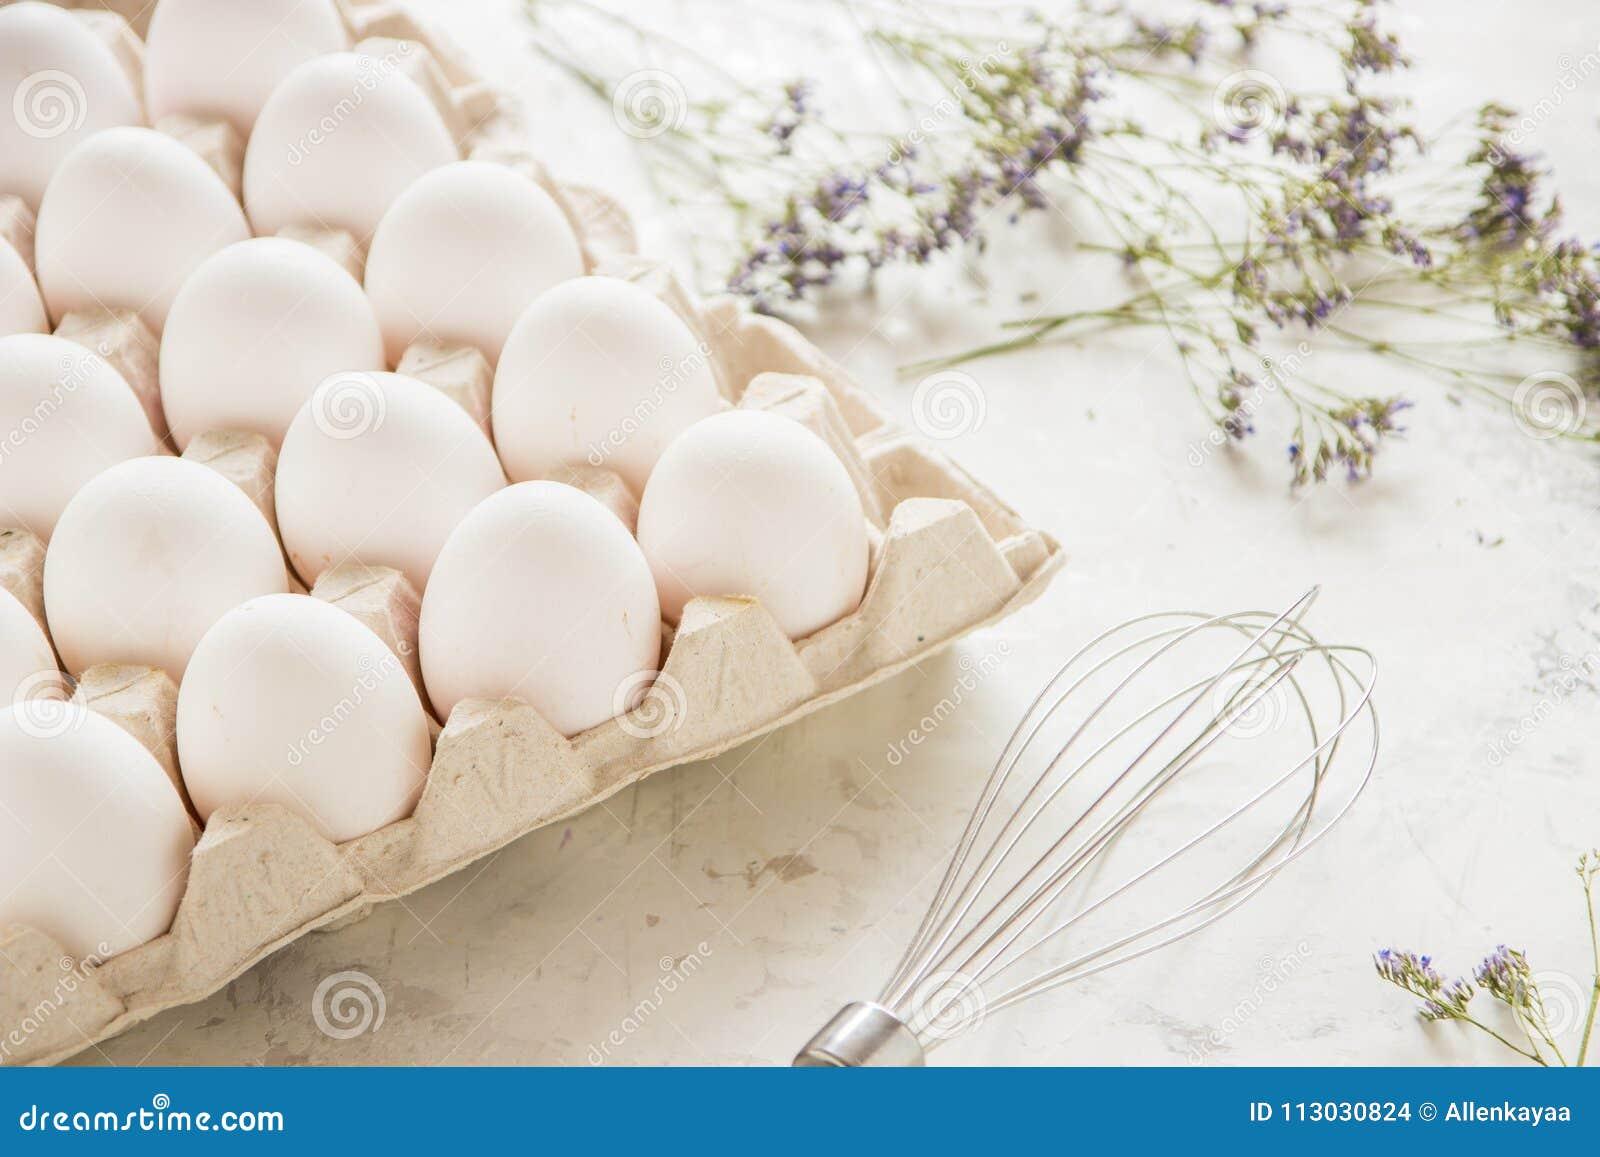 Huevos blancos en una caja en un fondo ligero